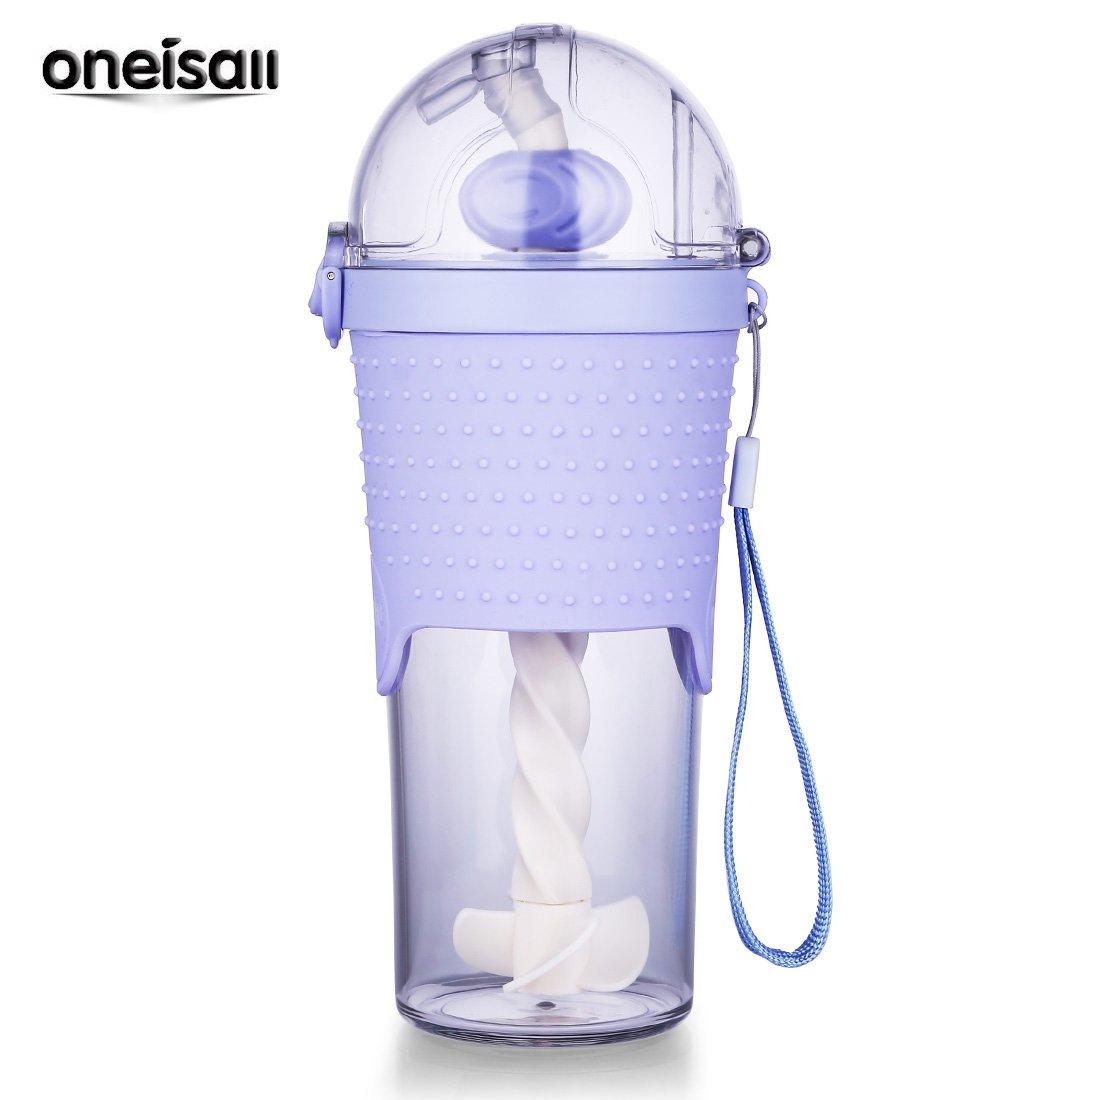 ONEISALL ストローマグボトル水筒マグ パープル